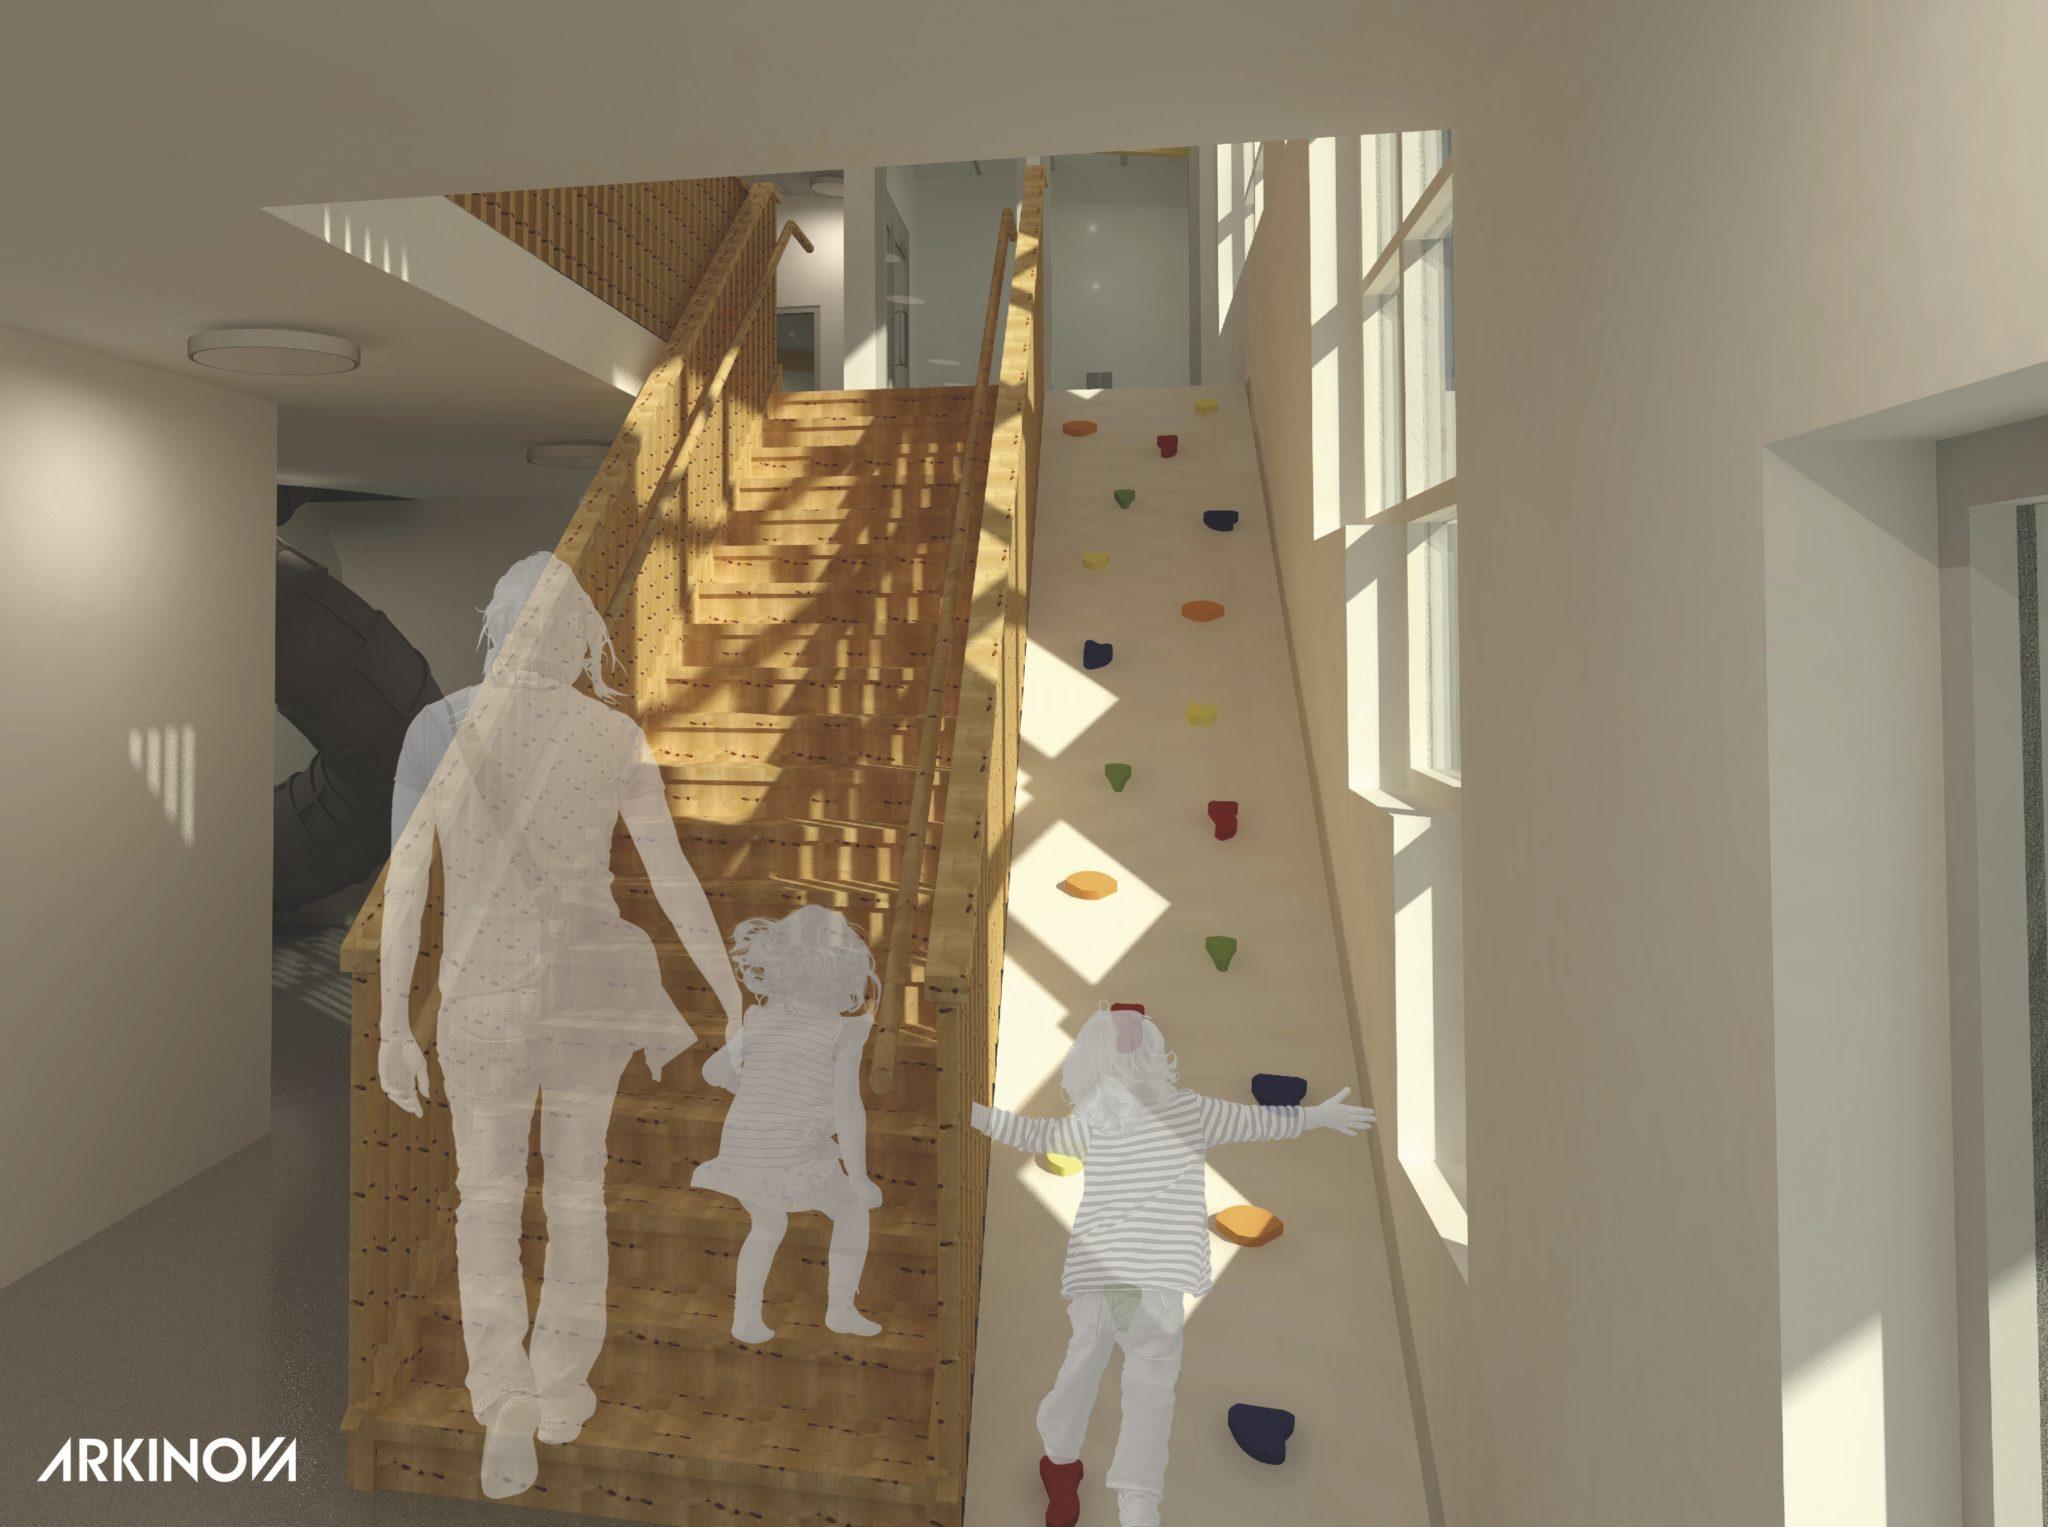 Mötesplats Stöcke – Sveriges första rörelserika offentliga anläggning